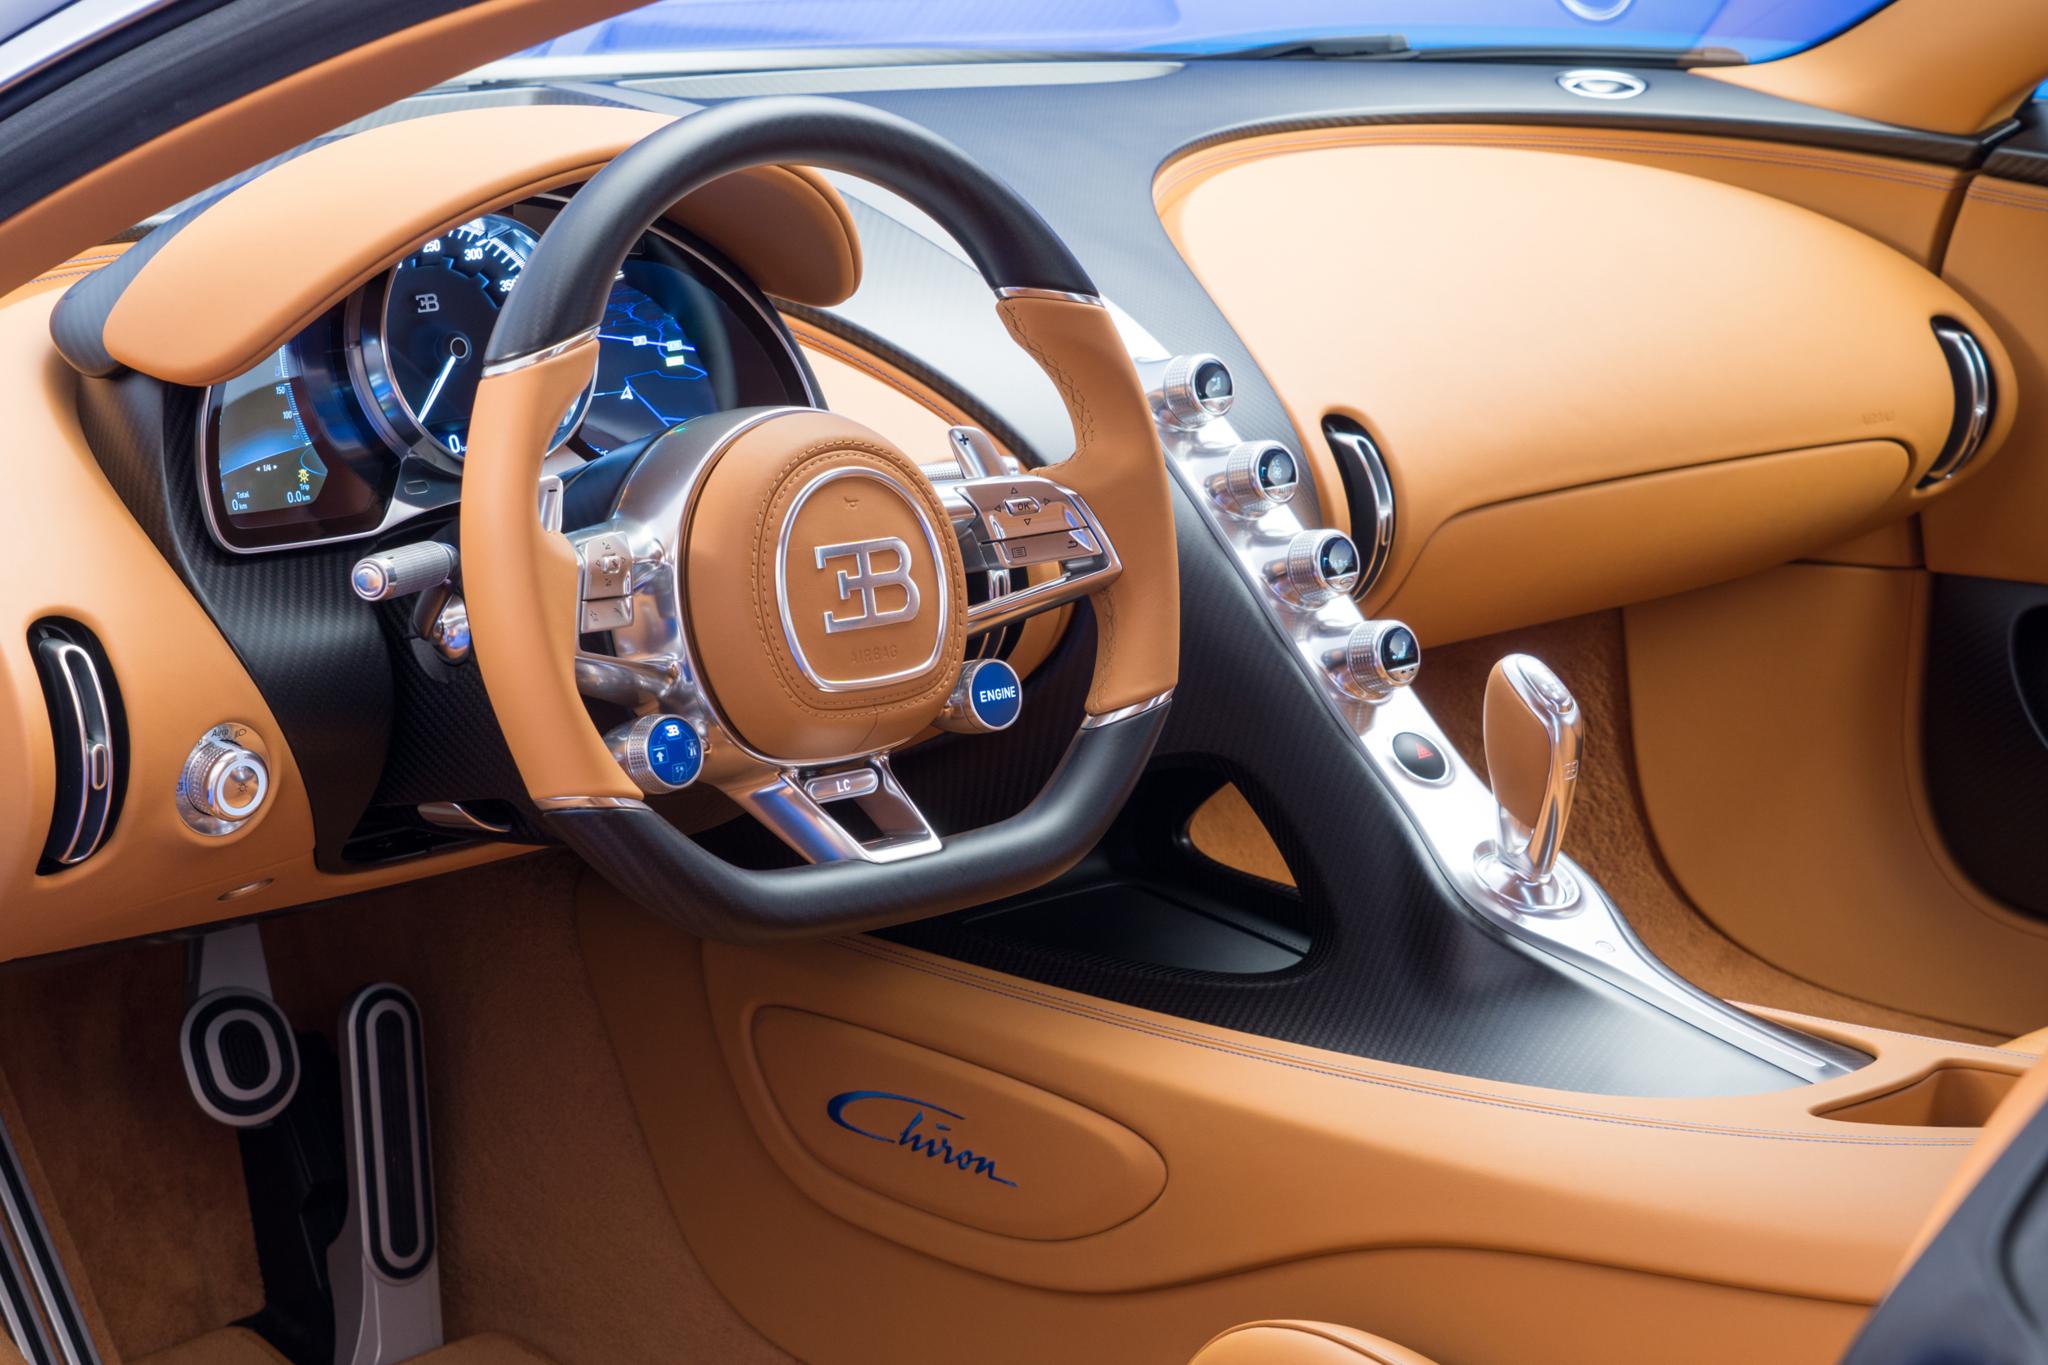 El interior está construido con el máximo lujo y tecnología.